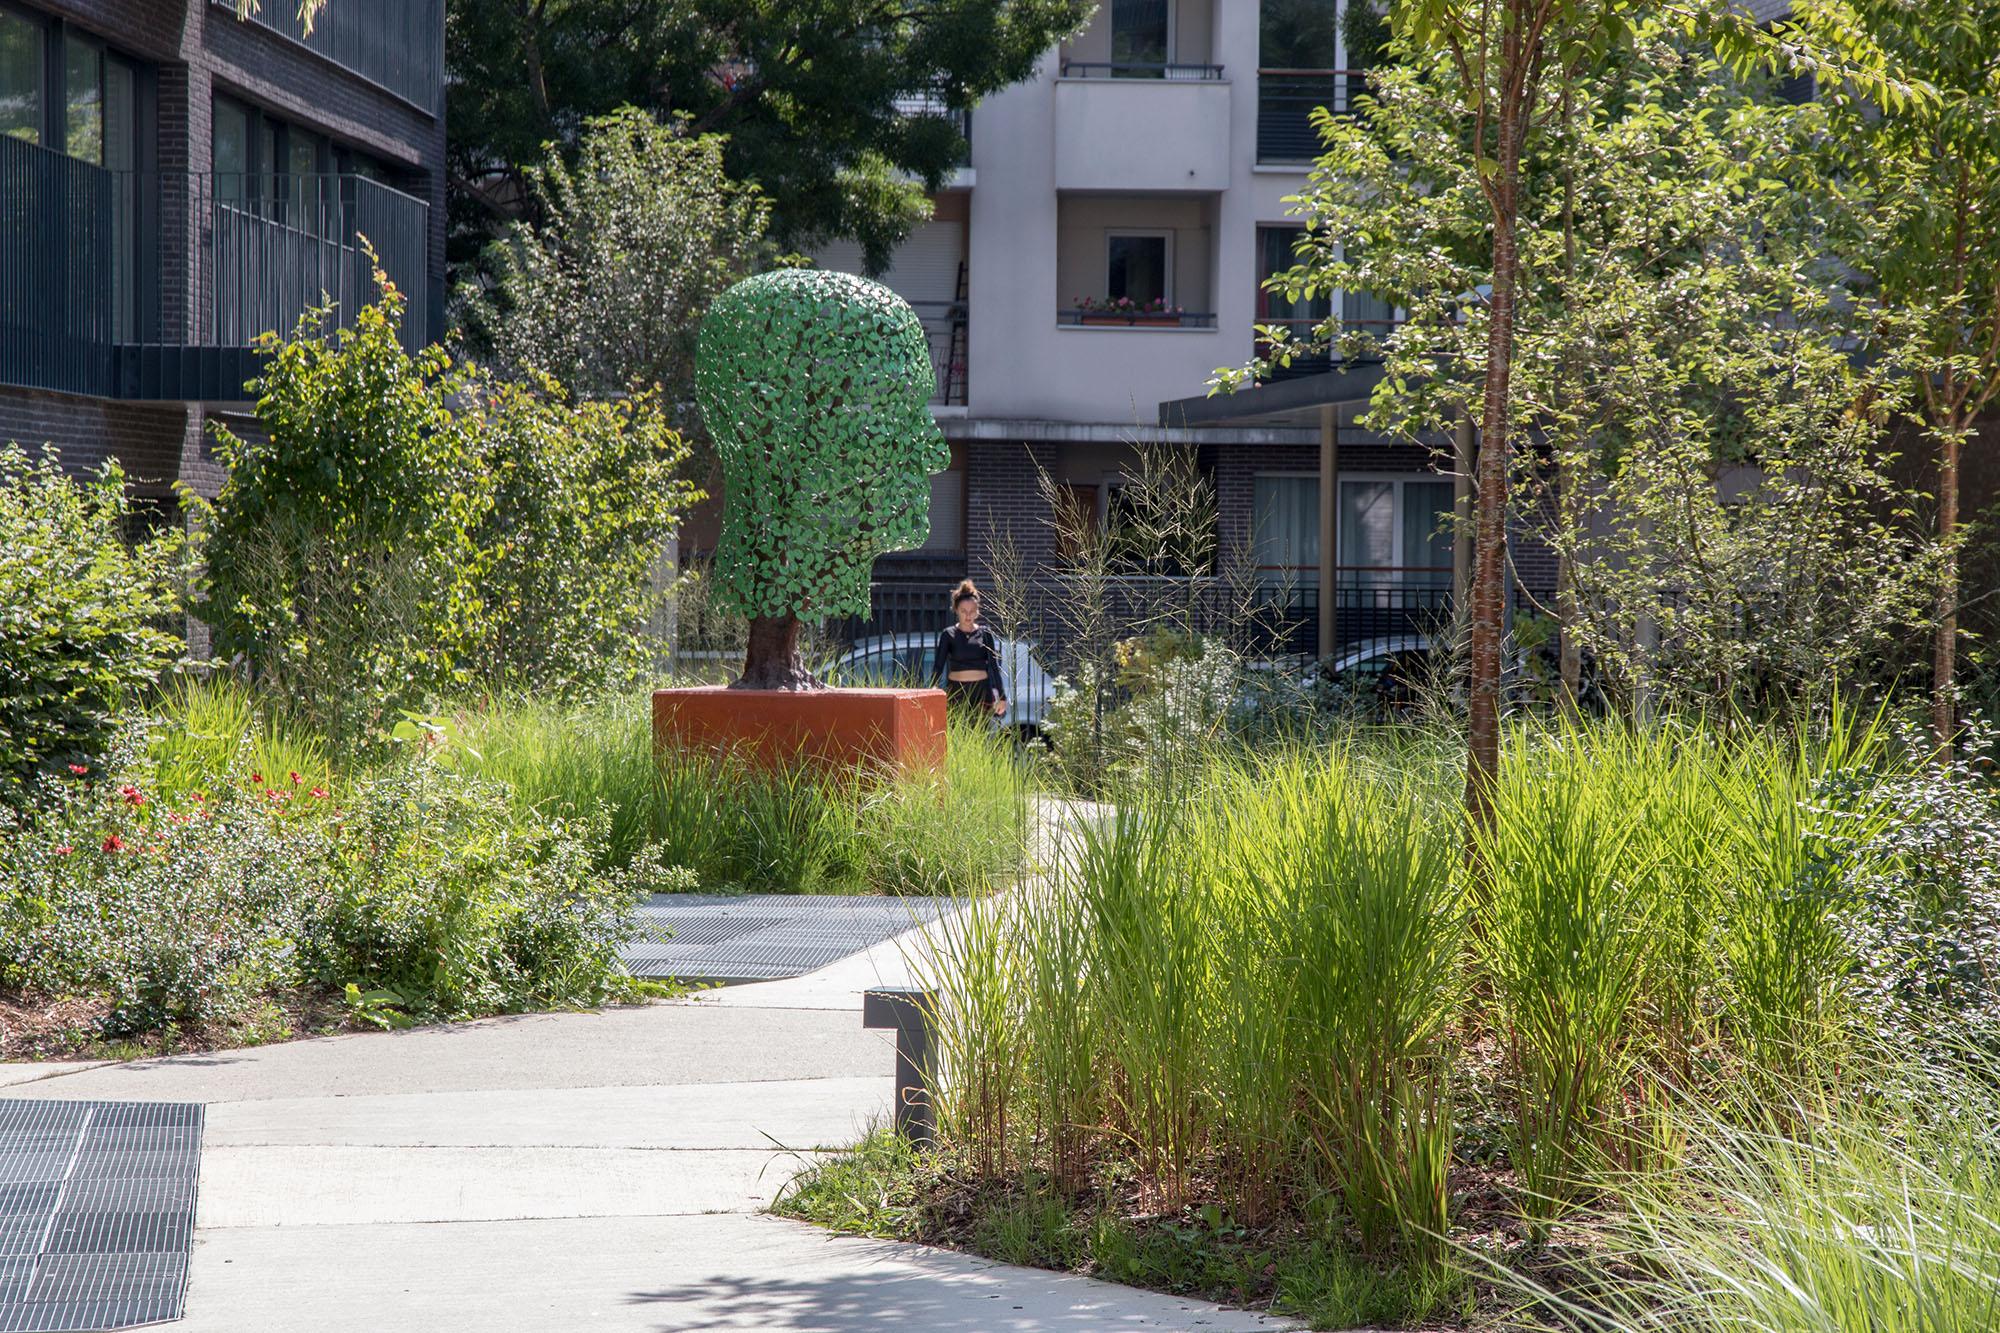 Les jardins chromatiques accompagnent les résidents et les visiteurs Opération - Pantin Canal - Emerige